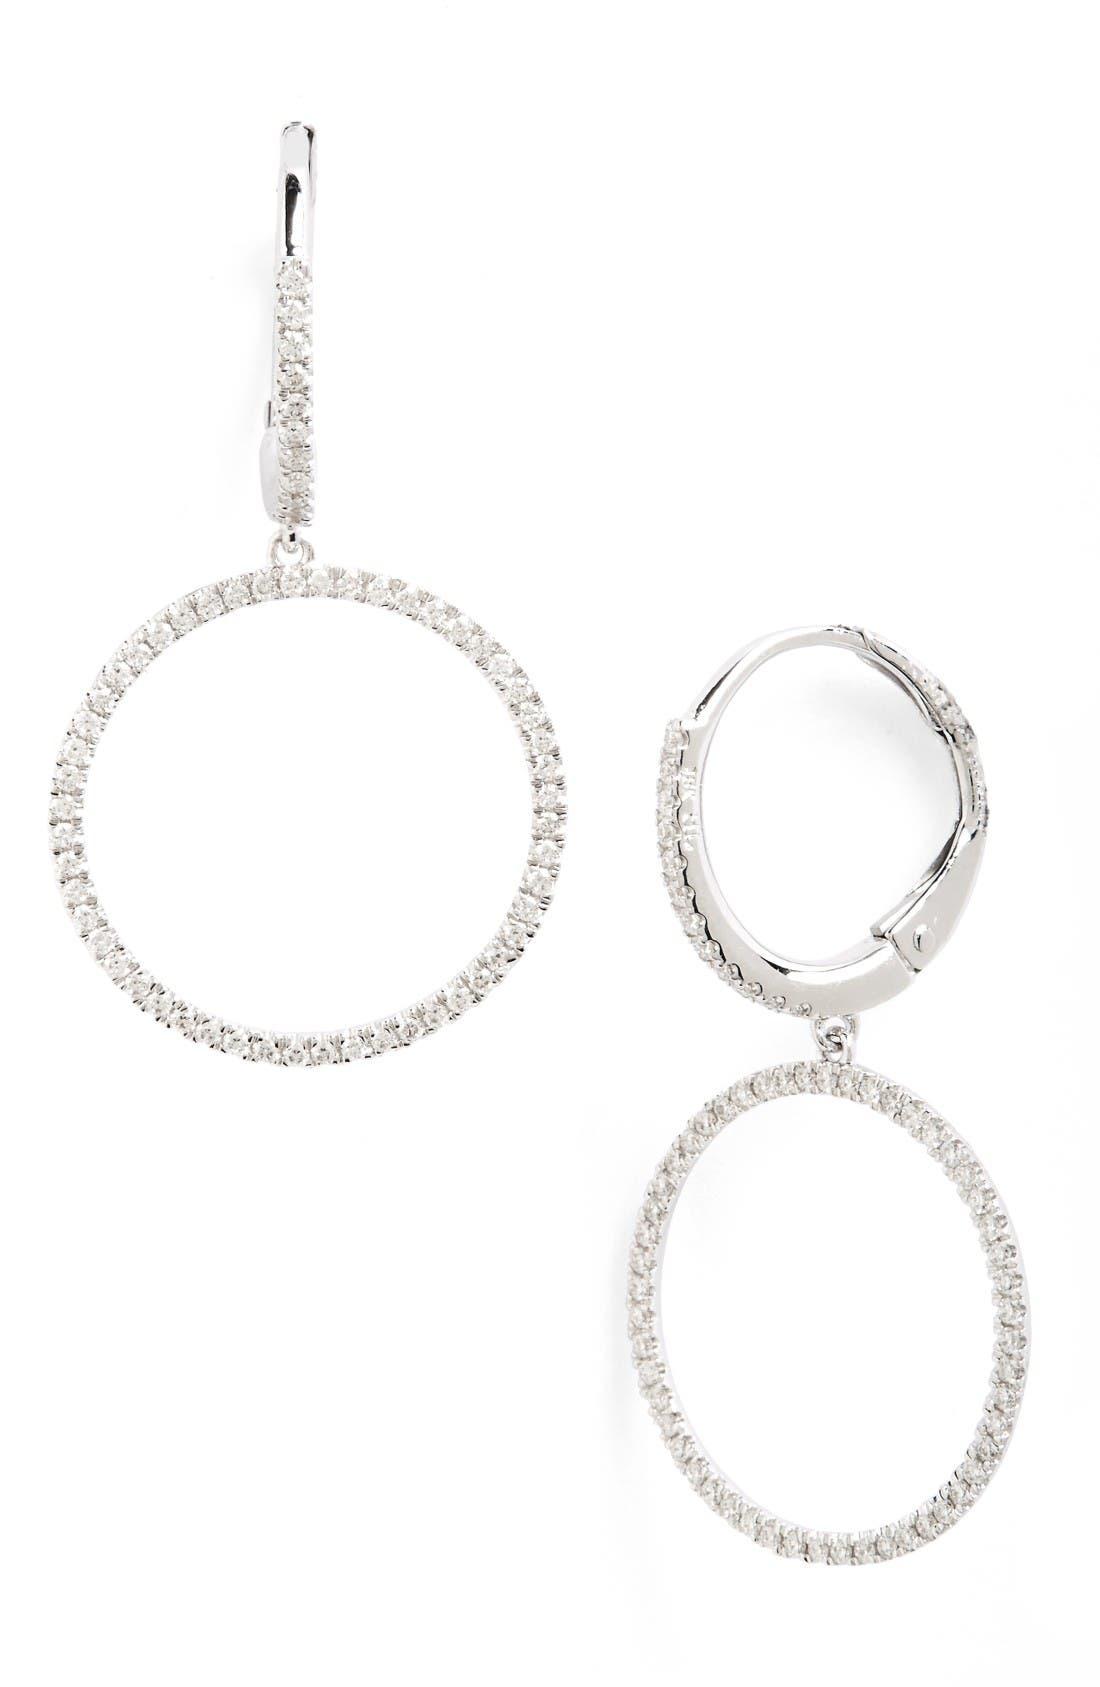 Bony Levy Diamond Frontal Hoop Earrings (Nordstrom Exclusive)